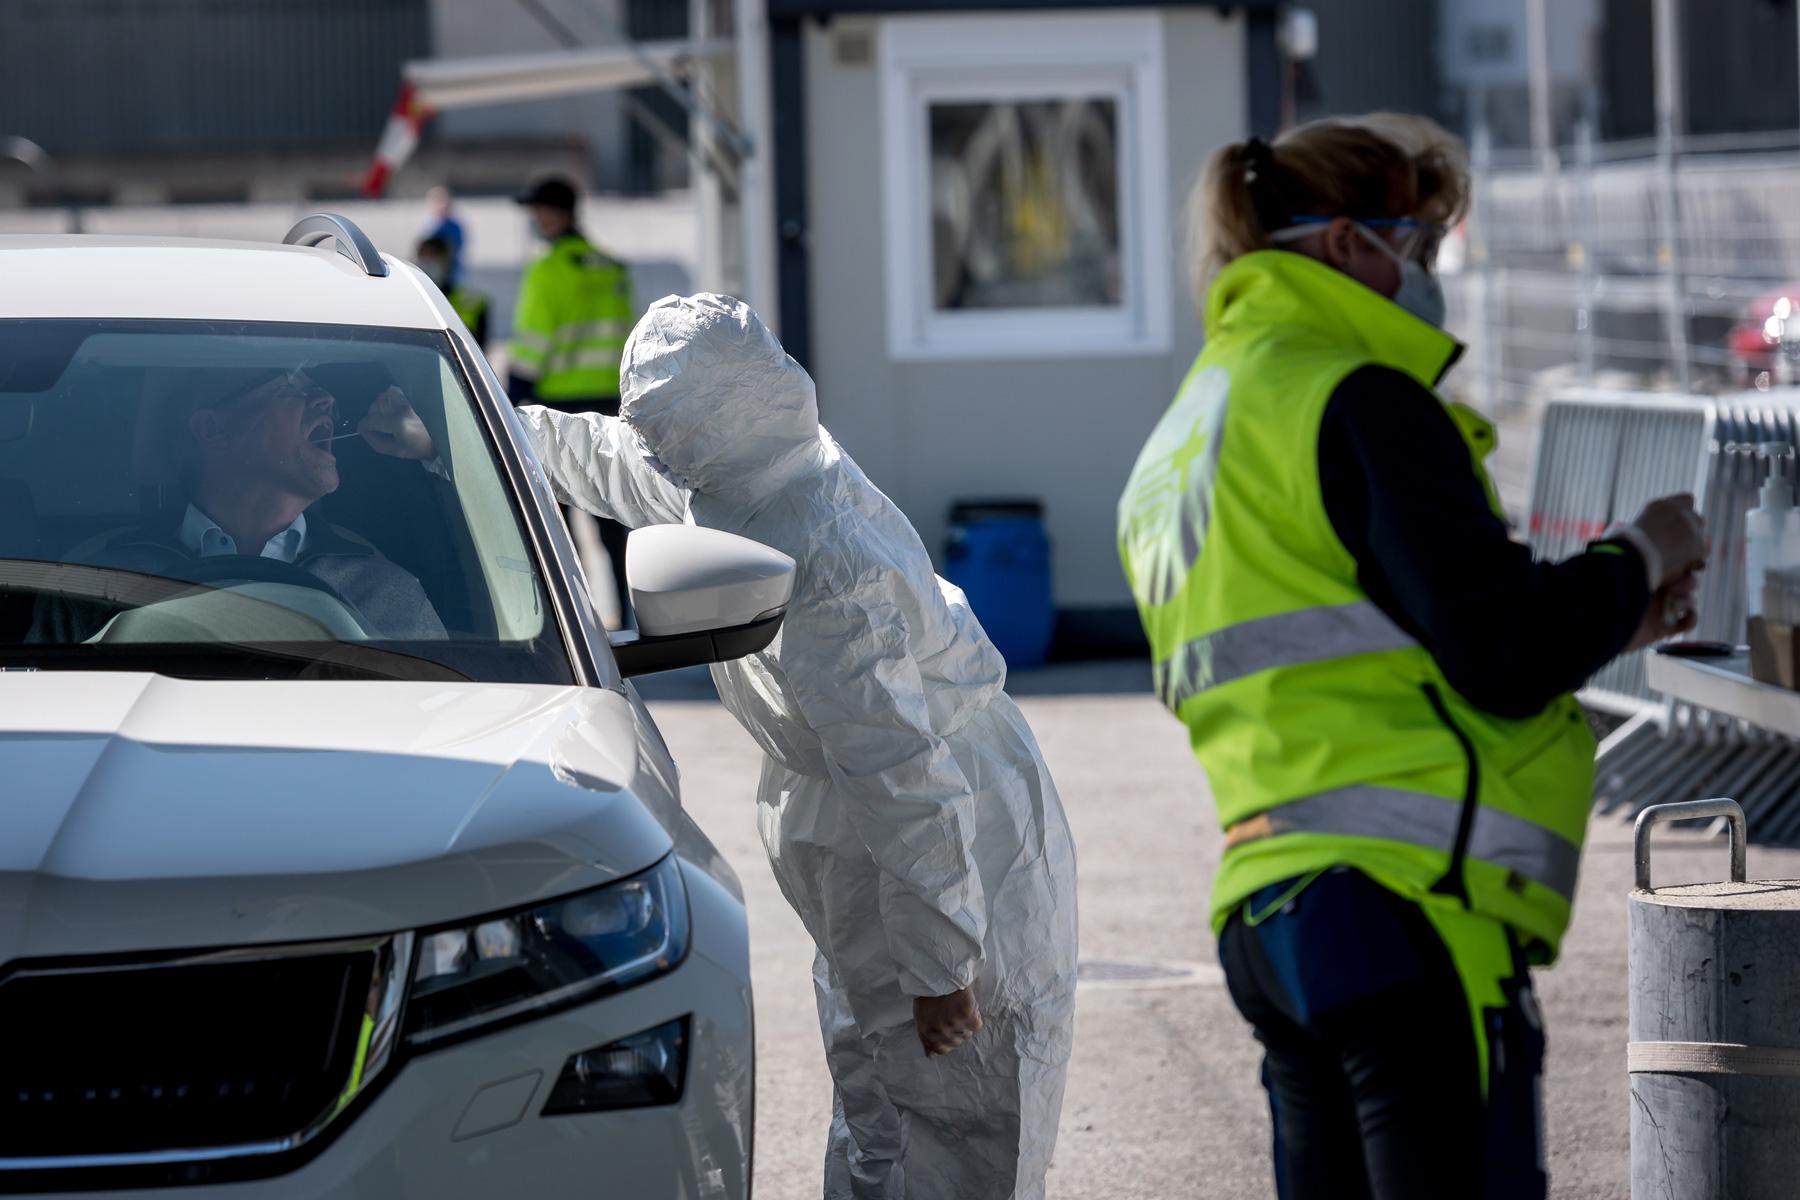 Da der Abstrich im Auto gemacht wird, kann das Risiko der Virusverbreitung reduziert werden. © SRK, Remo Nägeli